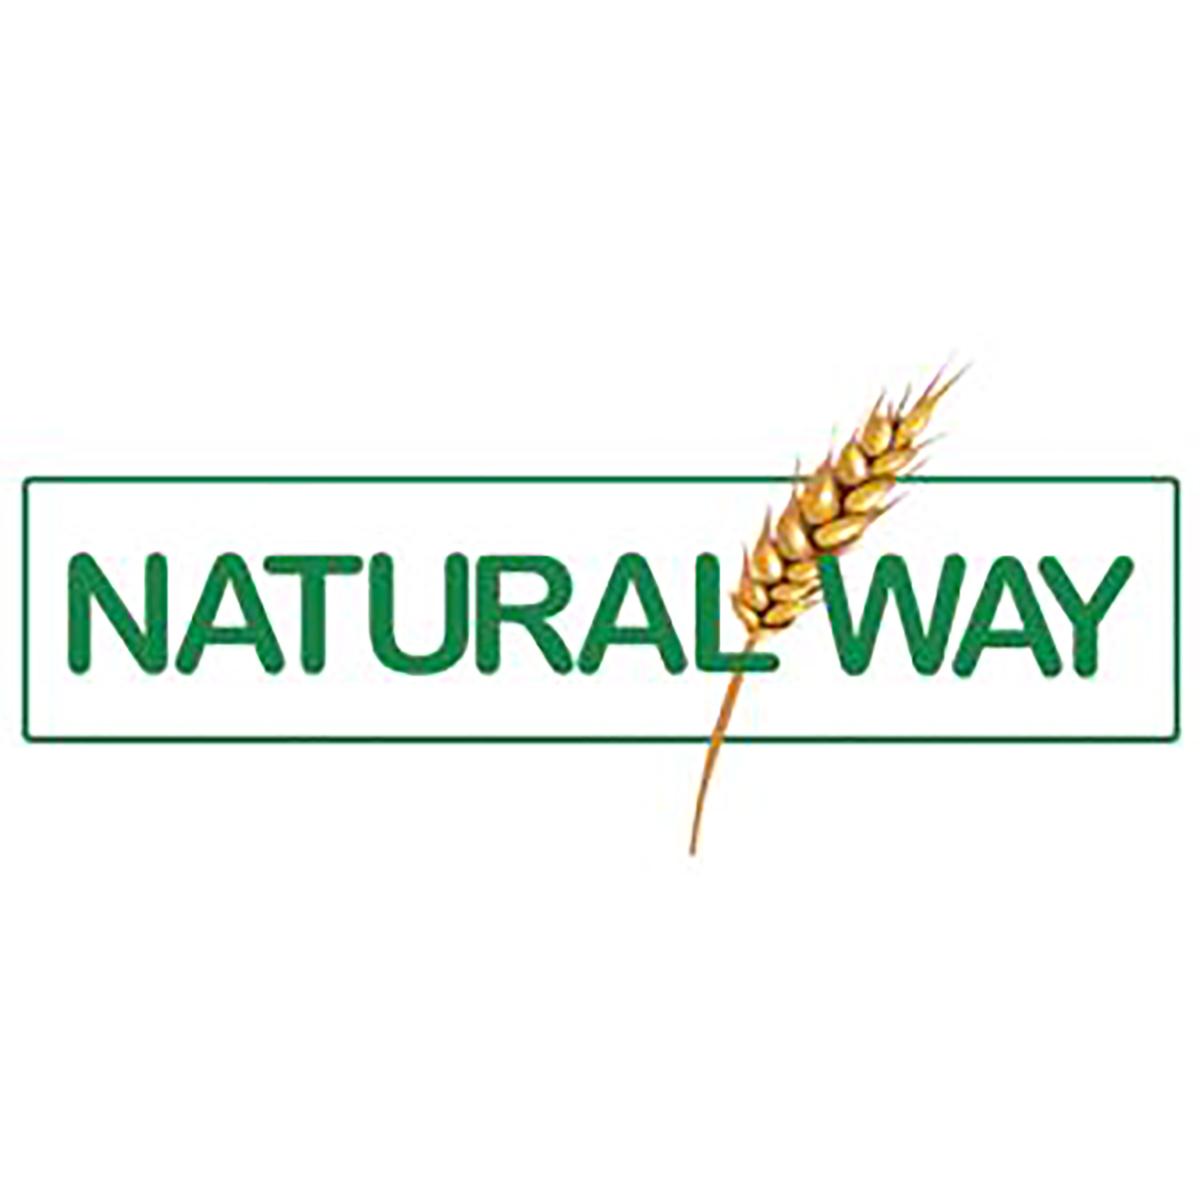 Natural way